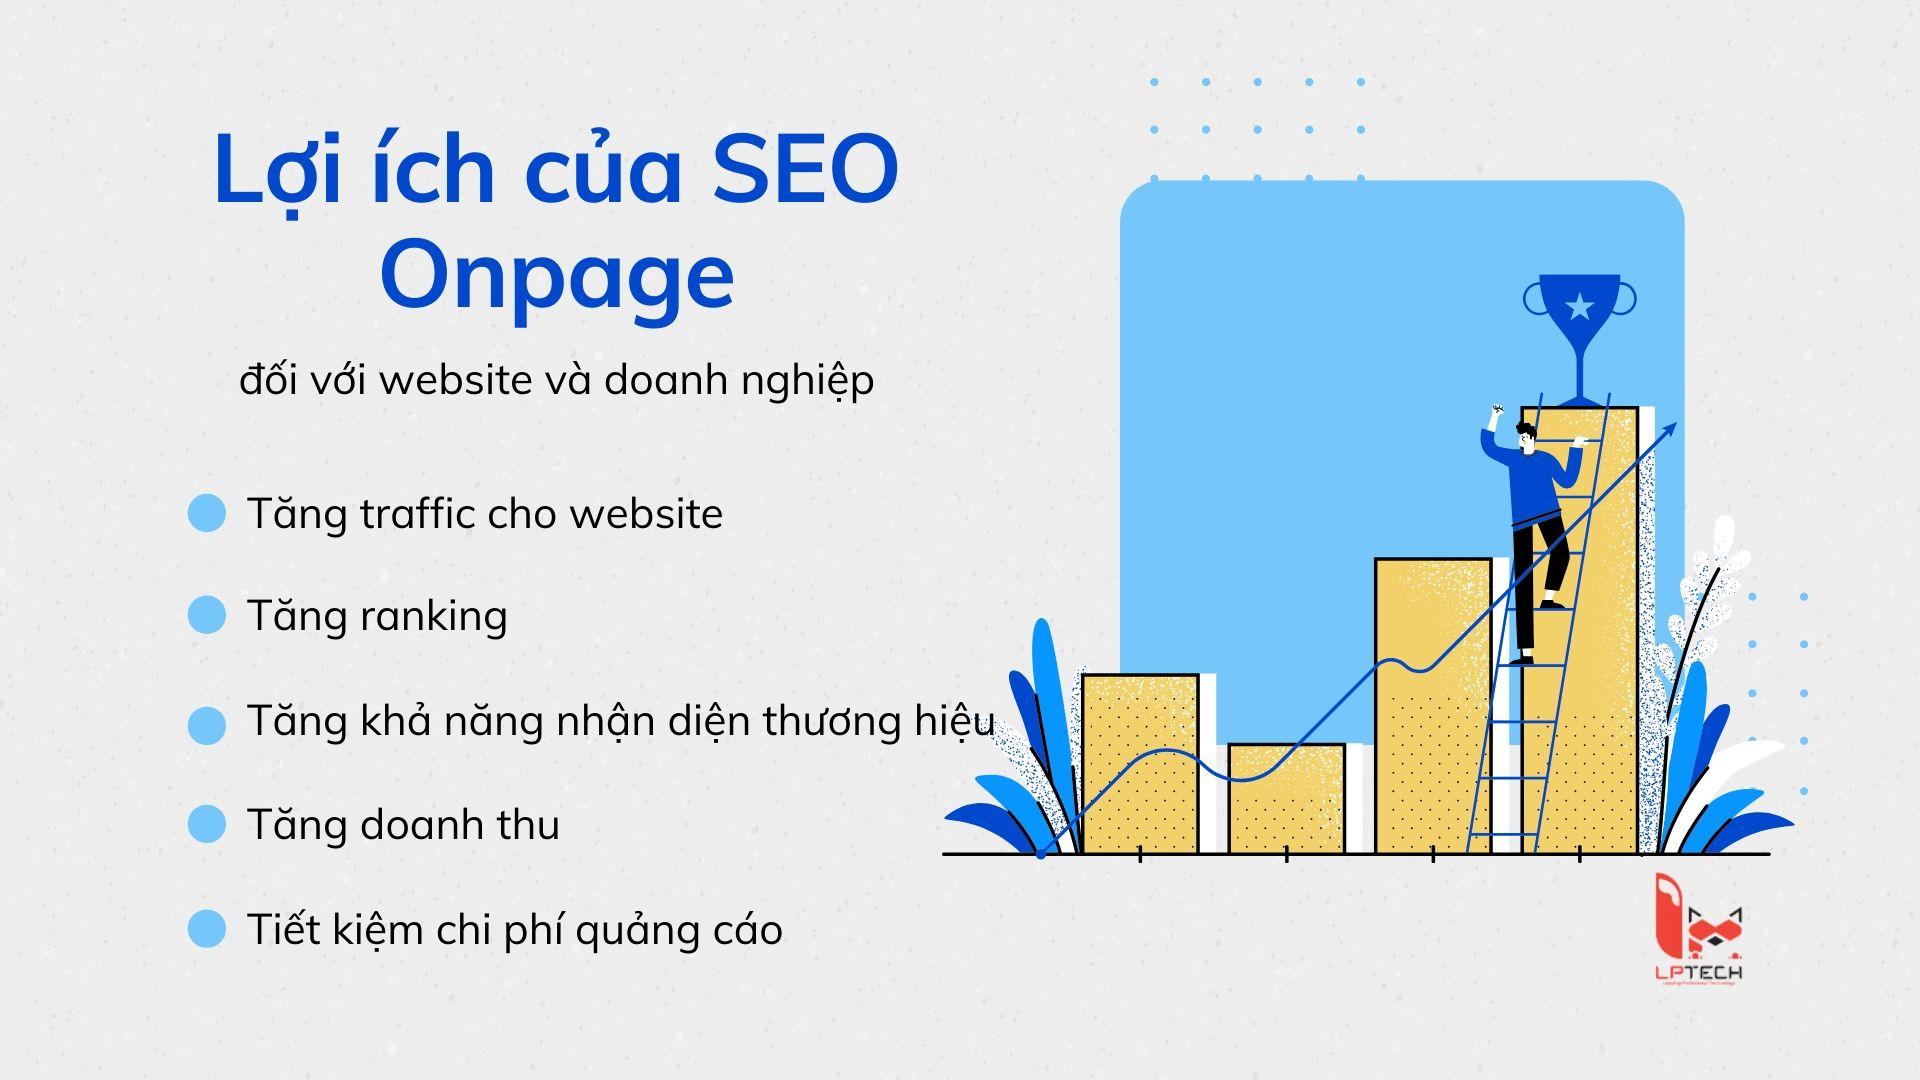 Lợi ích mà SEO Onpage mang lại cho website và doanh nghiệp